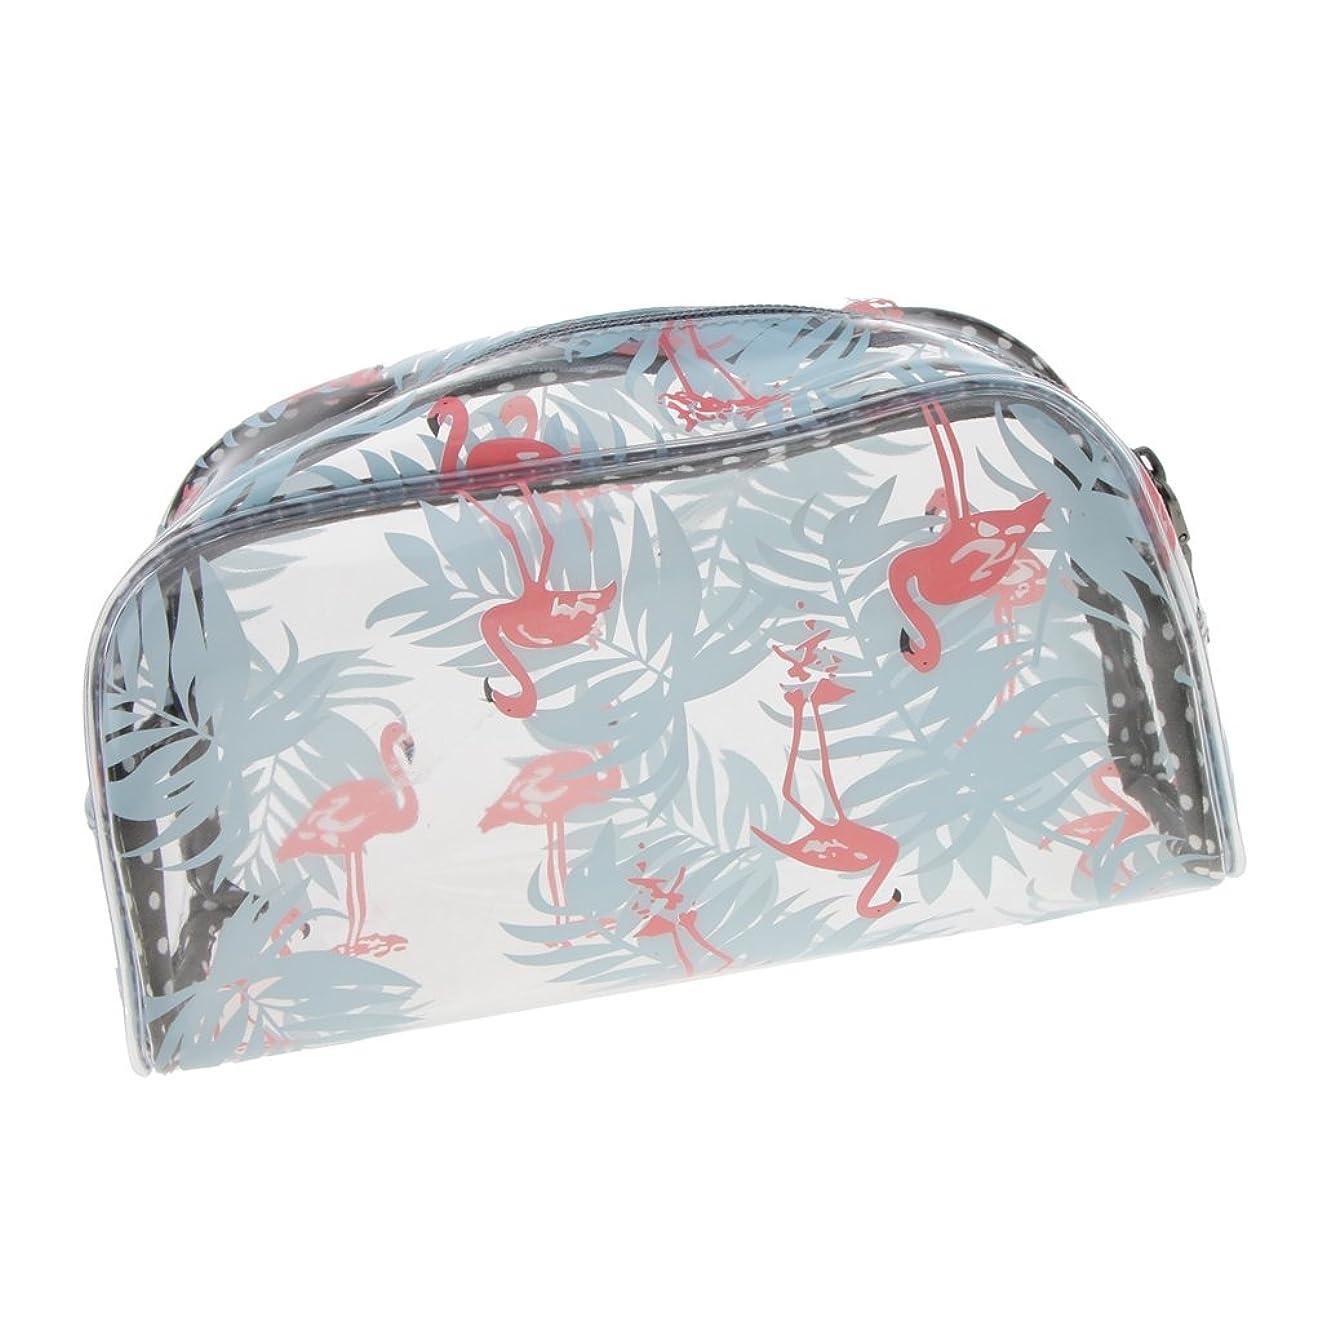 同行歩く隣接明確な透明なプラスチックポリ塩化ビニール旅行構造の化粧品の洗面用品のジッパー袋 - #3